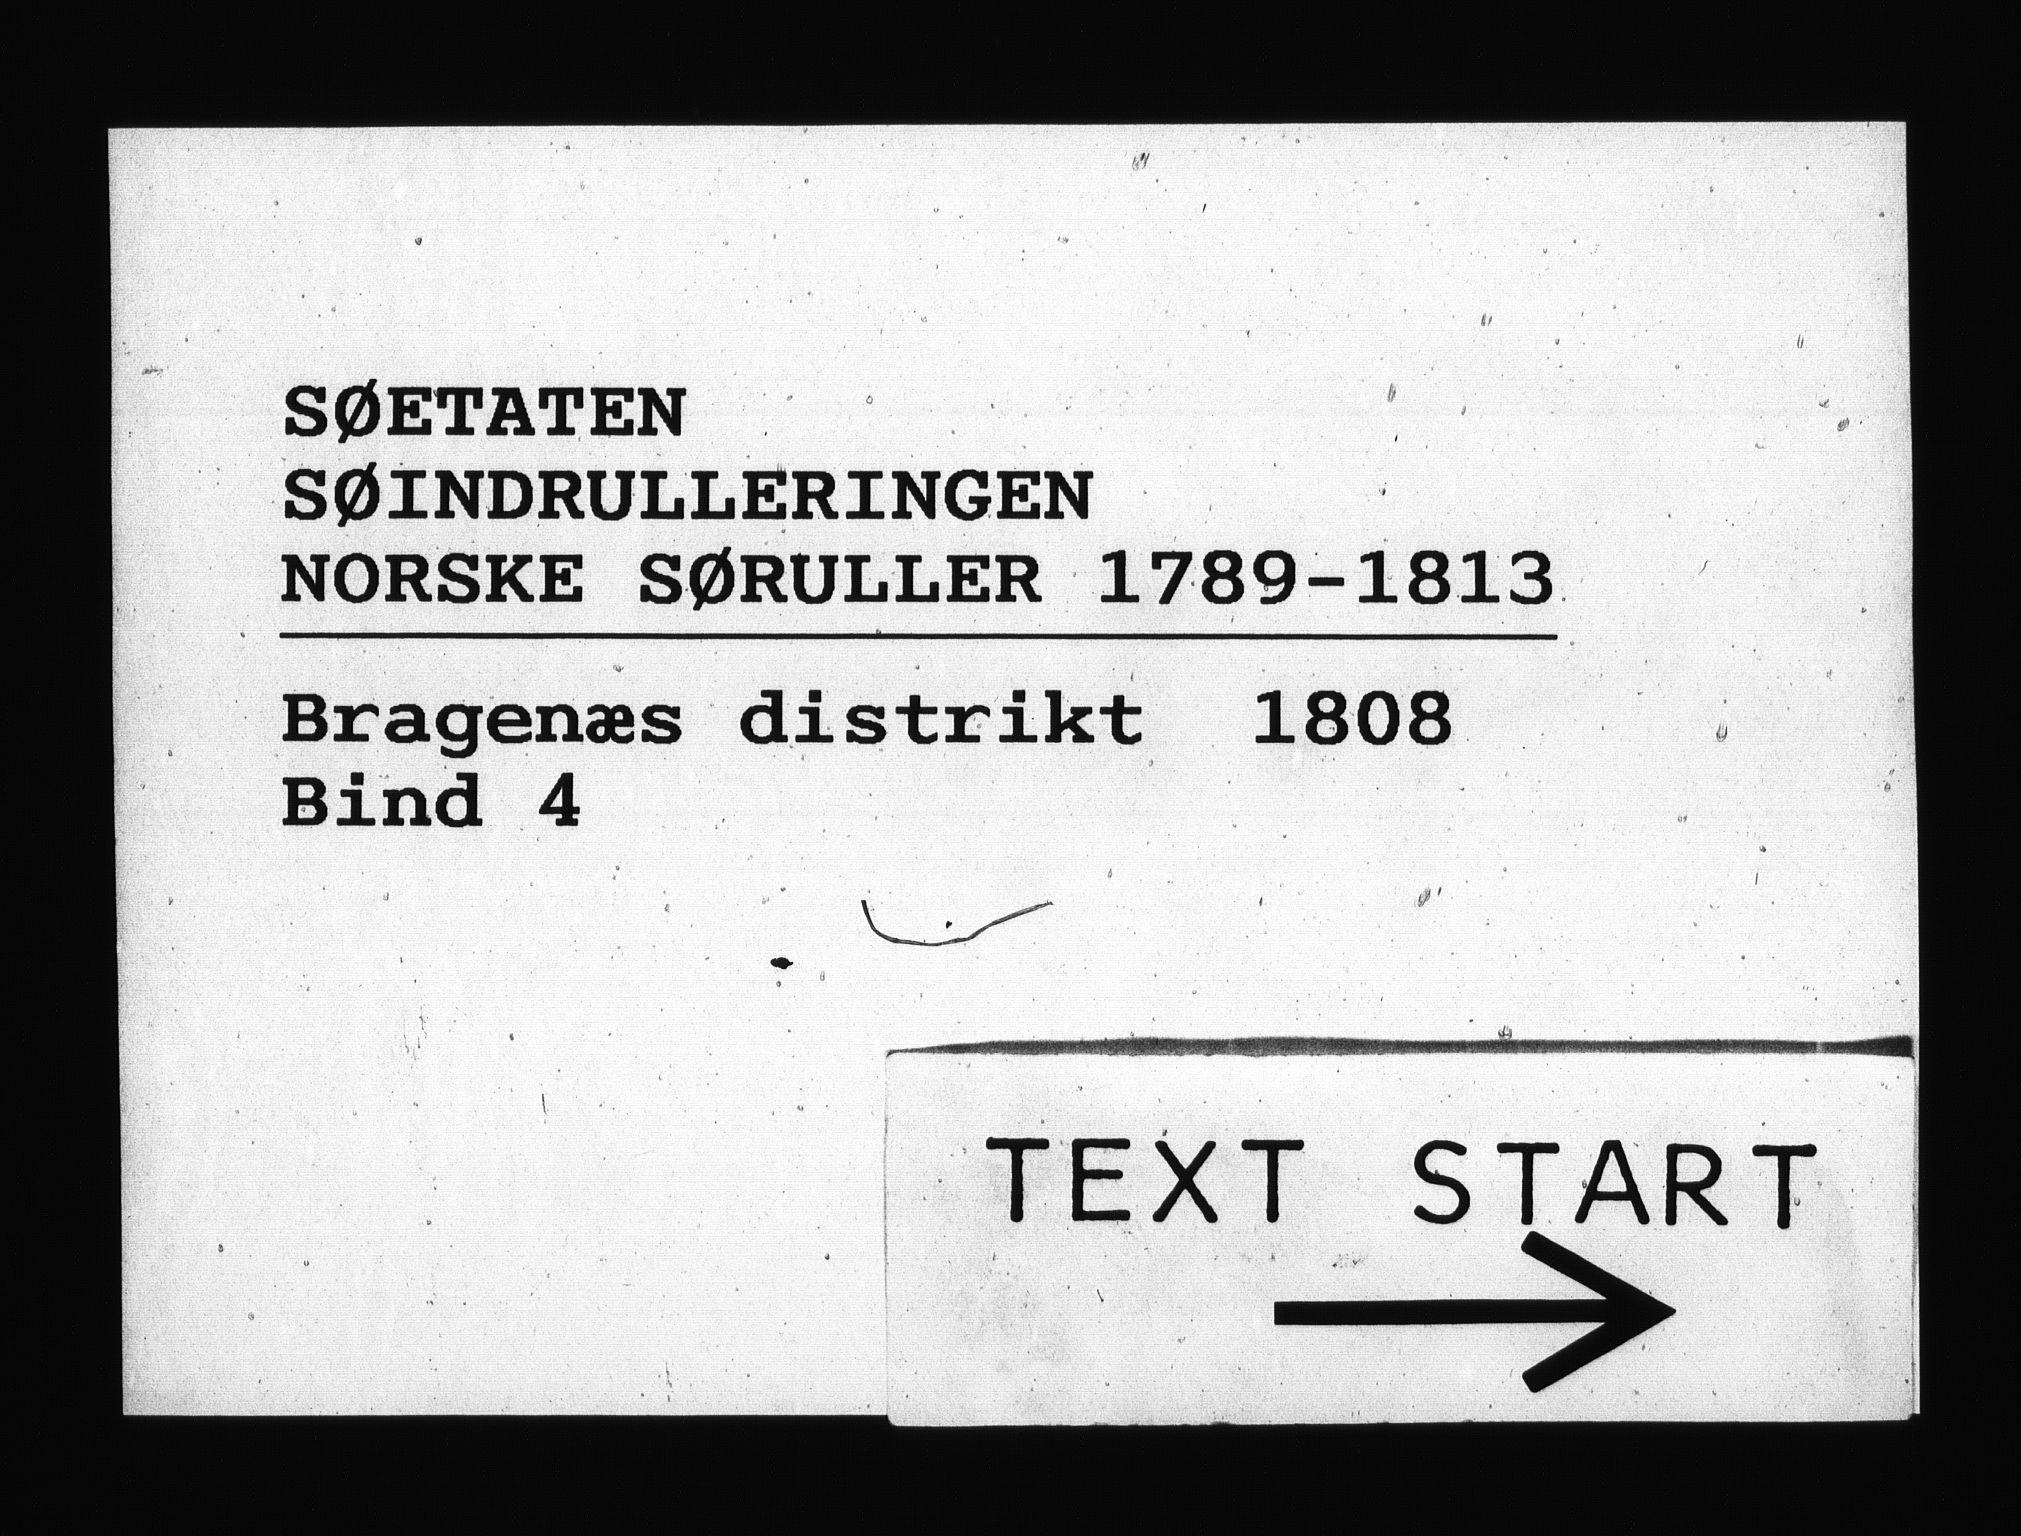 RA, Sjøetaten, F/L0155: Bragernes distrikt, bind 4, 1808